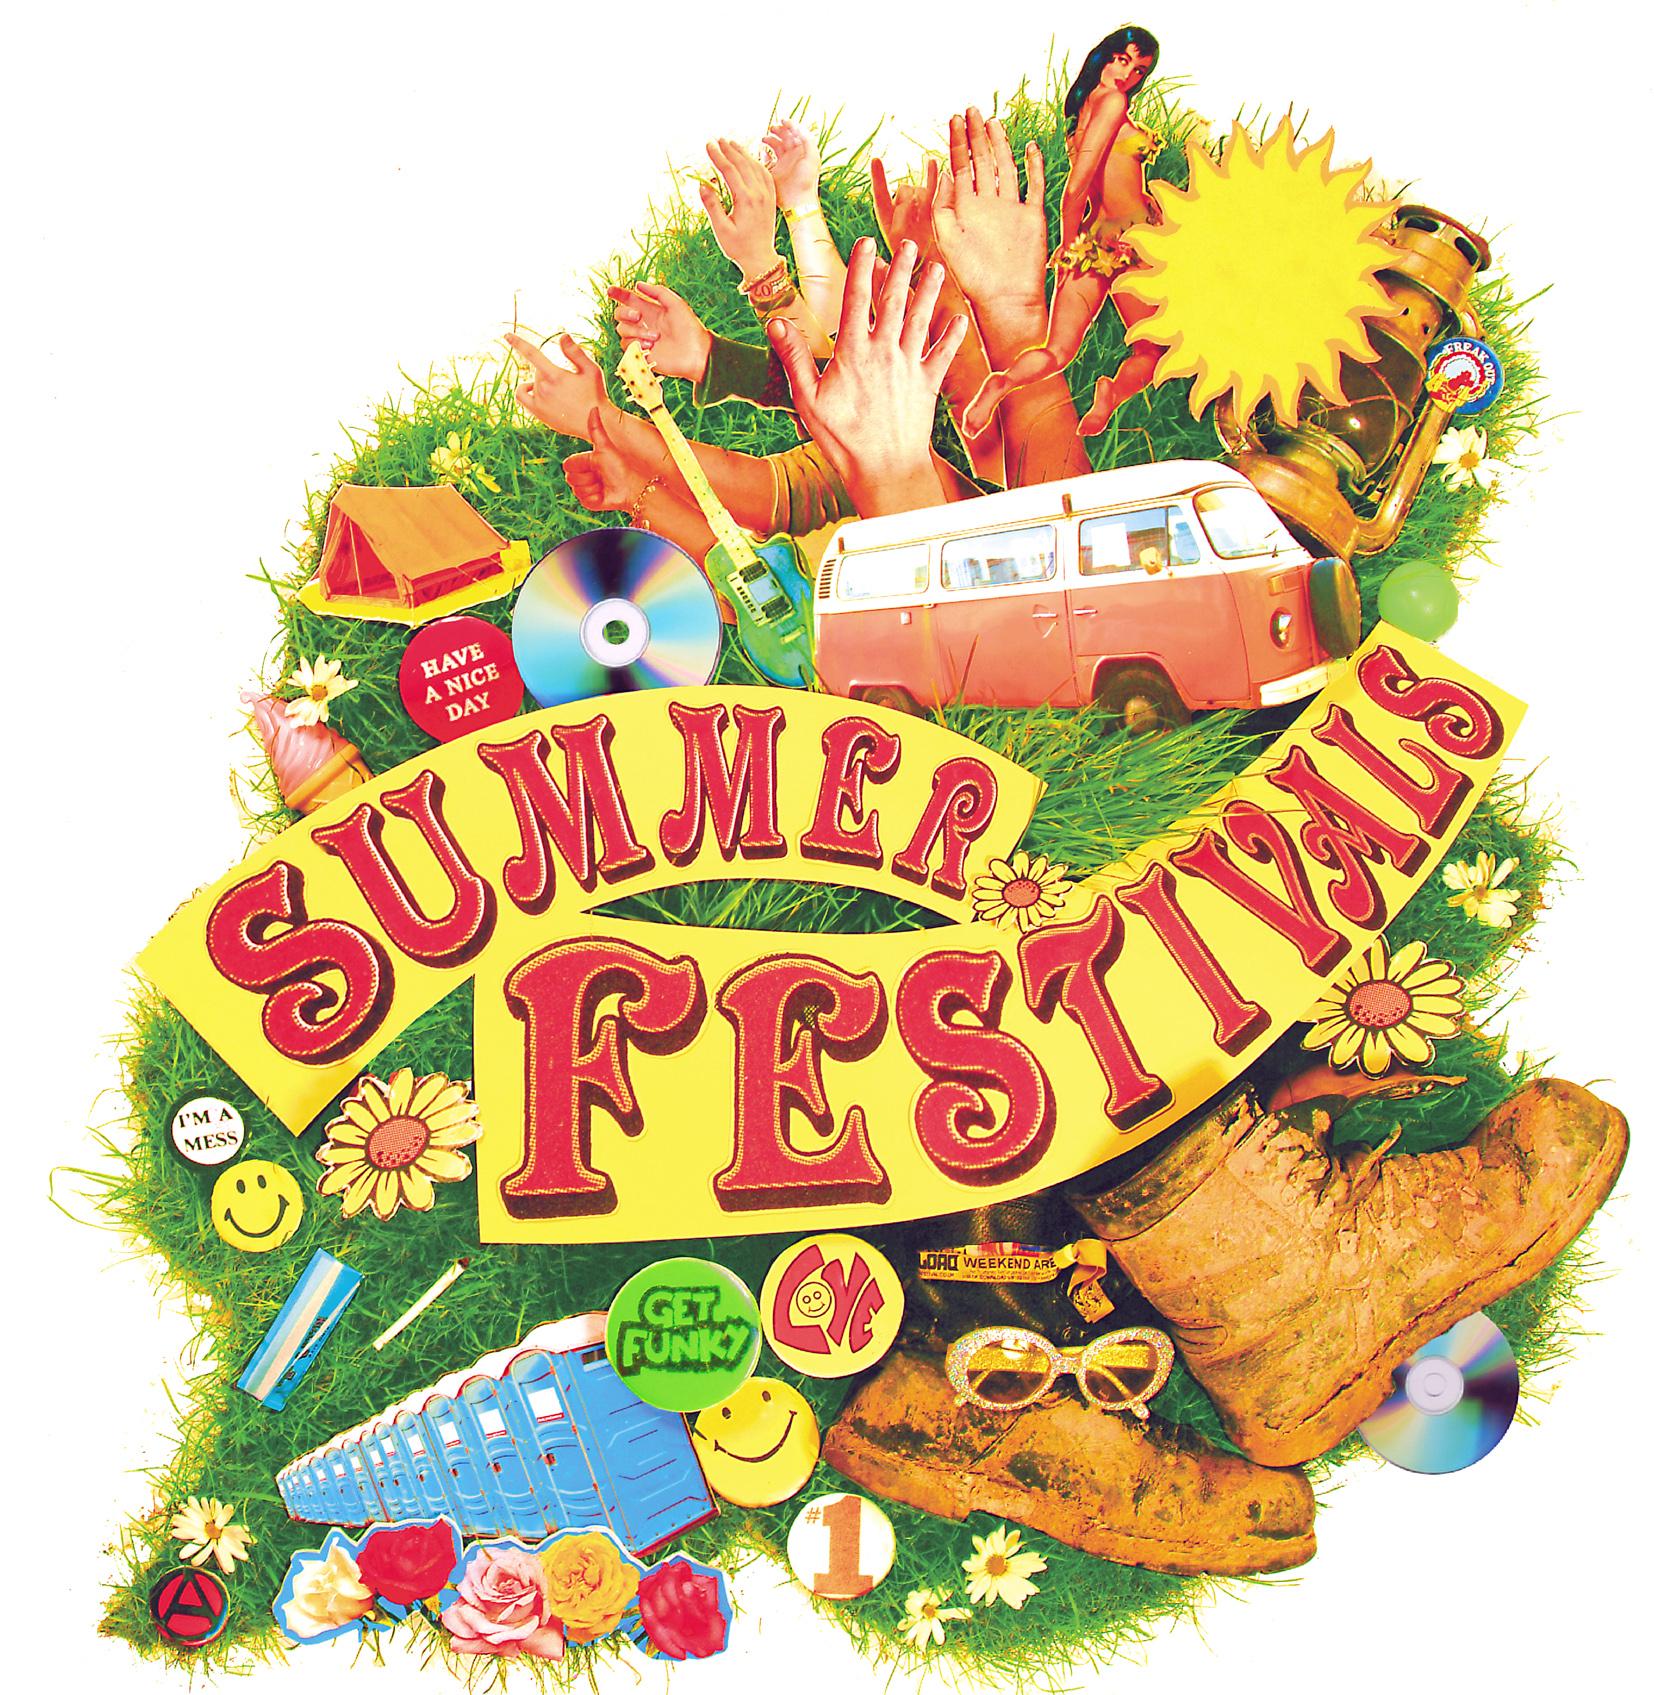 HMV Summer Festival